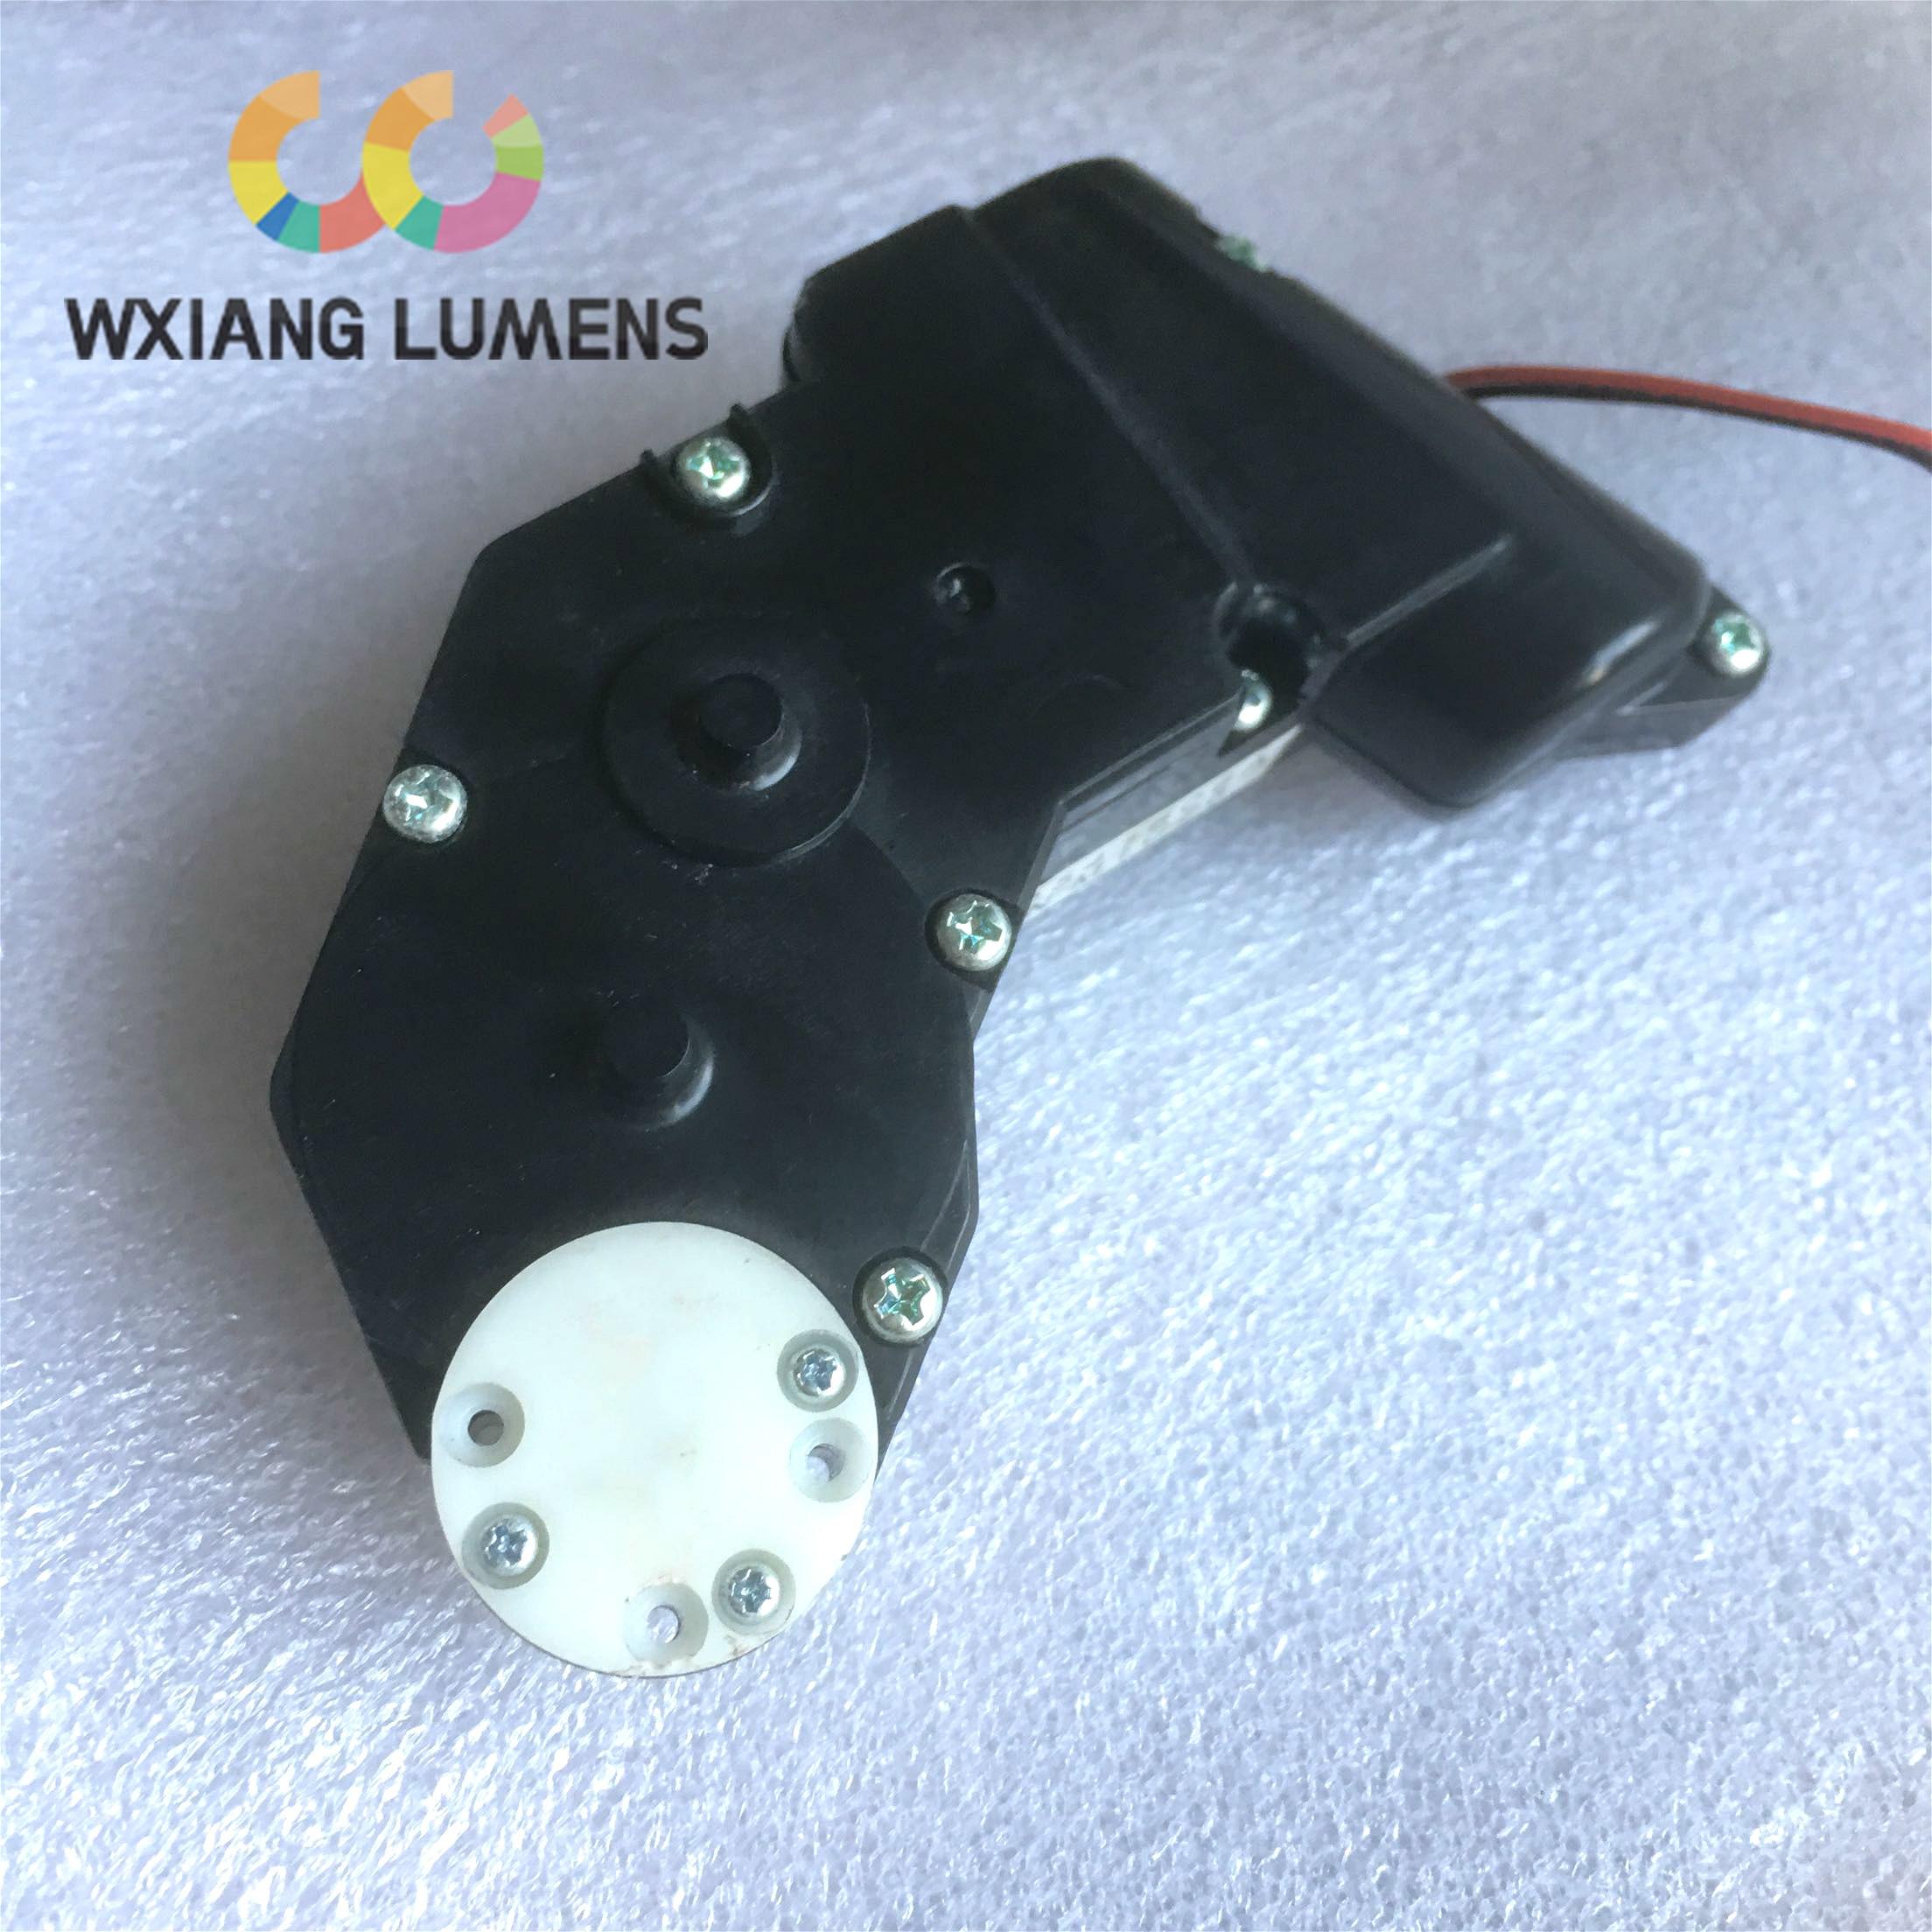 Couverture de miroir Projecteur Gear Fit pour Hitachi HCP-A6 A7 A8 A10 CP-A100 CP-A200 CP-A52 ED-A100 ED-A101 ED-A110 et ED-A111Couverture de miroir Projecteur Gear Fit pour Hitachi HCP-A6 A7 A8 A10 CP-A100 CP-A200 CP-A52 ED-A100 ED-A101 ED-A110 et ED-A111